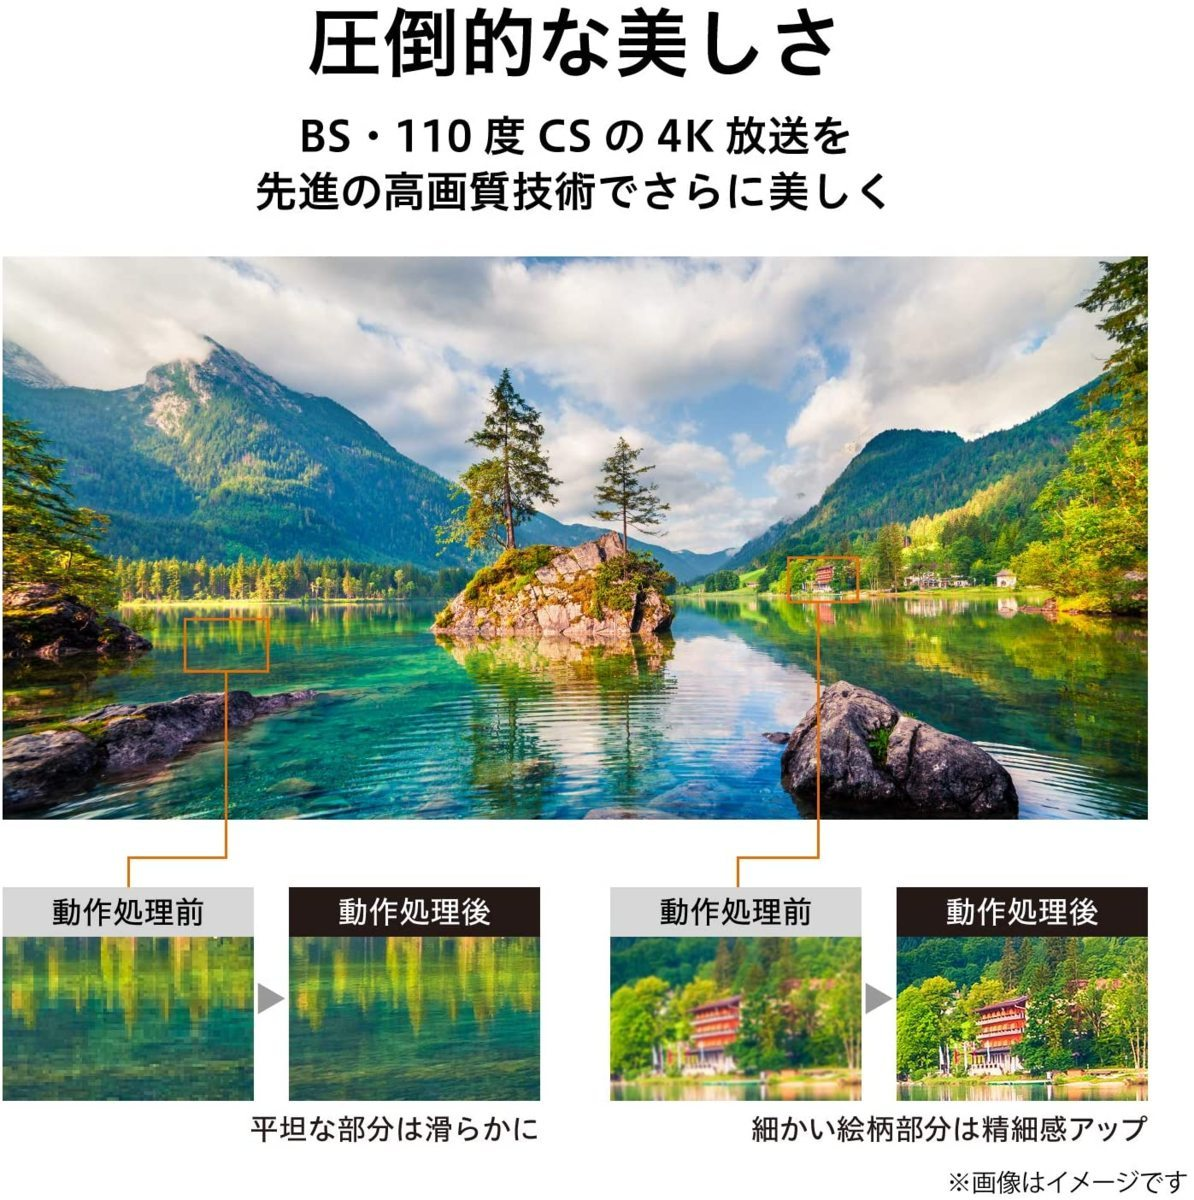 東芝 55V型BS・CS 4Kチューナー内蔵4k液晶テレビ 55M530X パワーオーディオシステム/ゲームモード/2画面分割 引取可 2021/8まで保証有_画像3